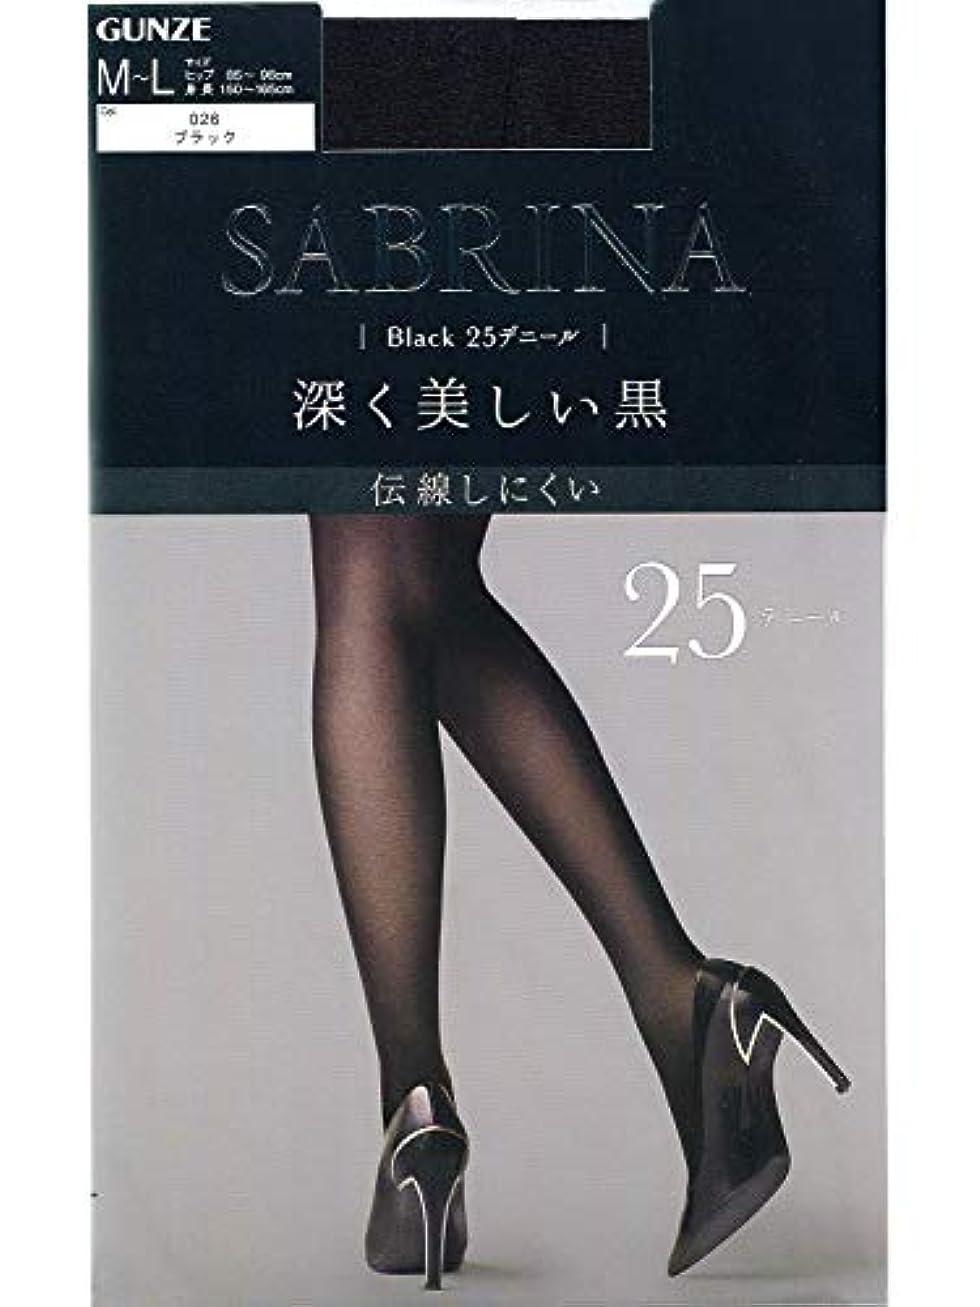 糸残る舗装するSABRINA(サブリナ) 深く美しい黒 パンスト L-LL ブラック